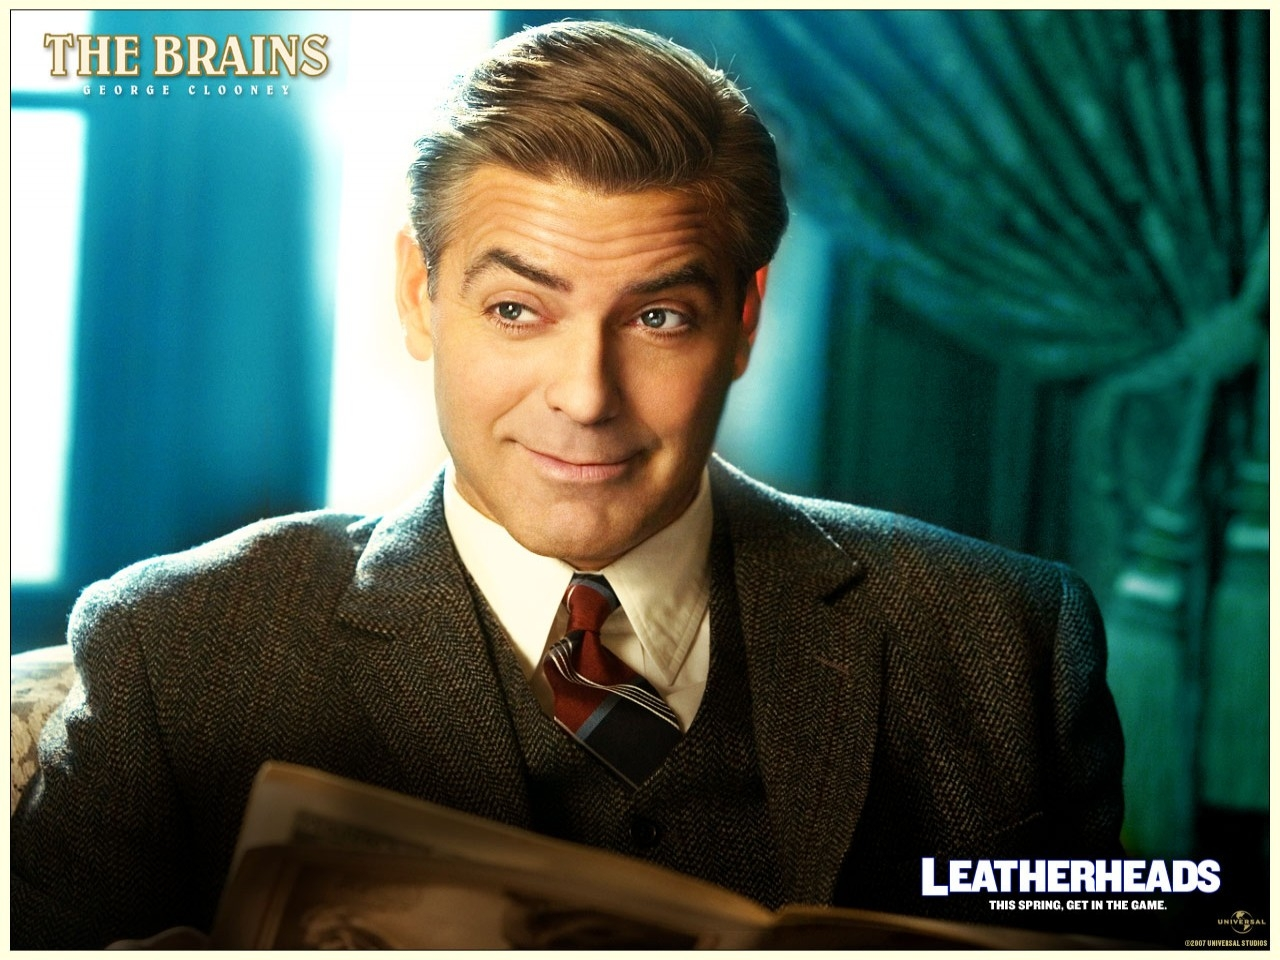 Wallpaper del film In amore, niente regole con George Clooney